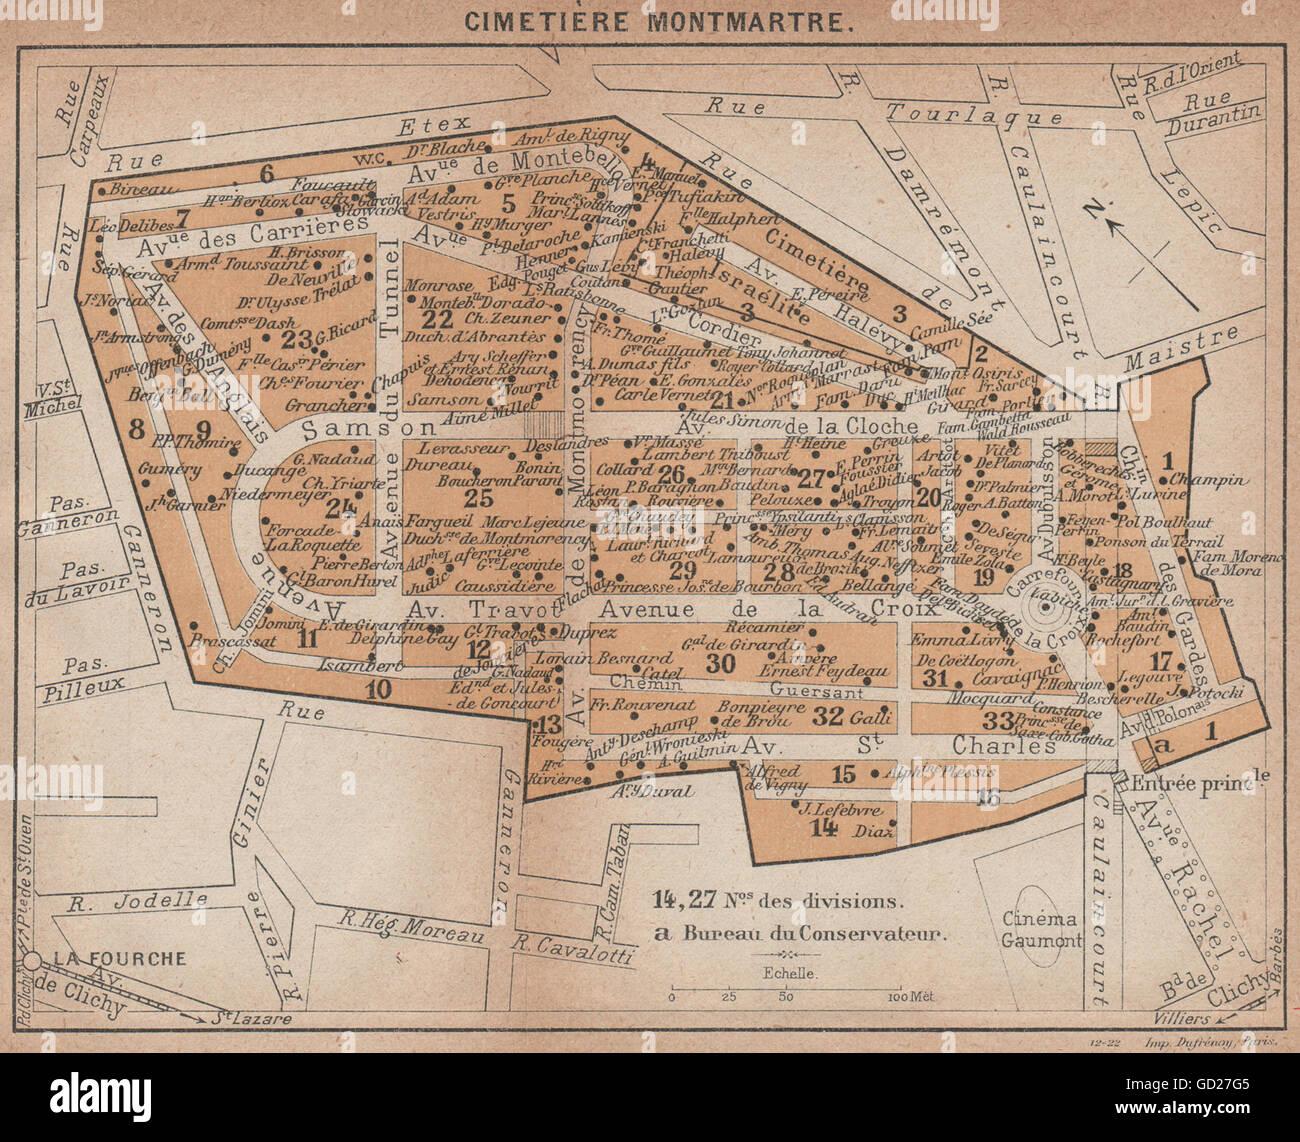 Montmartre Paris Map Stock Photos & Montmartre Paris Map ...